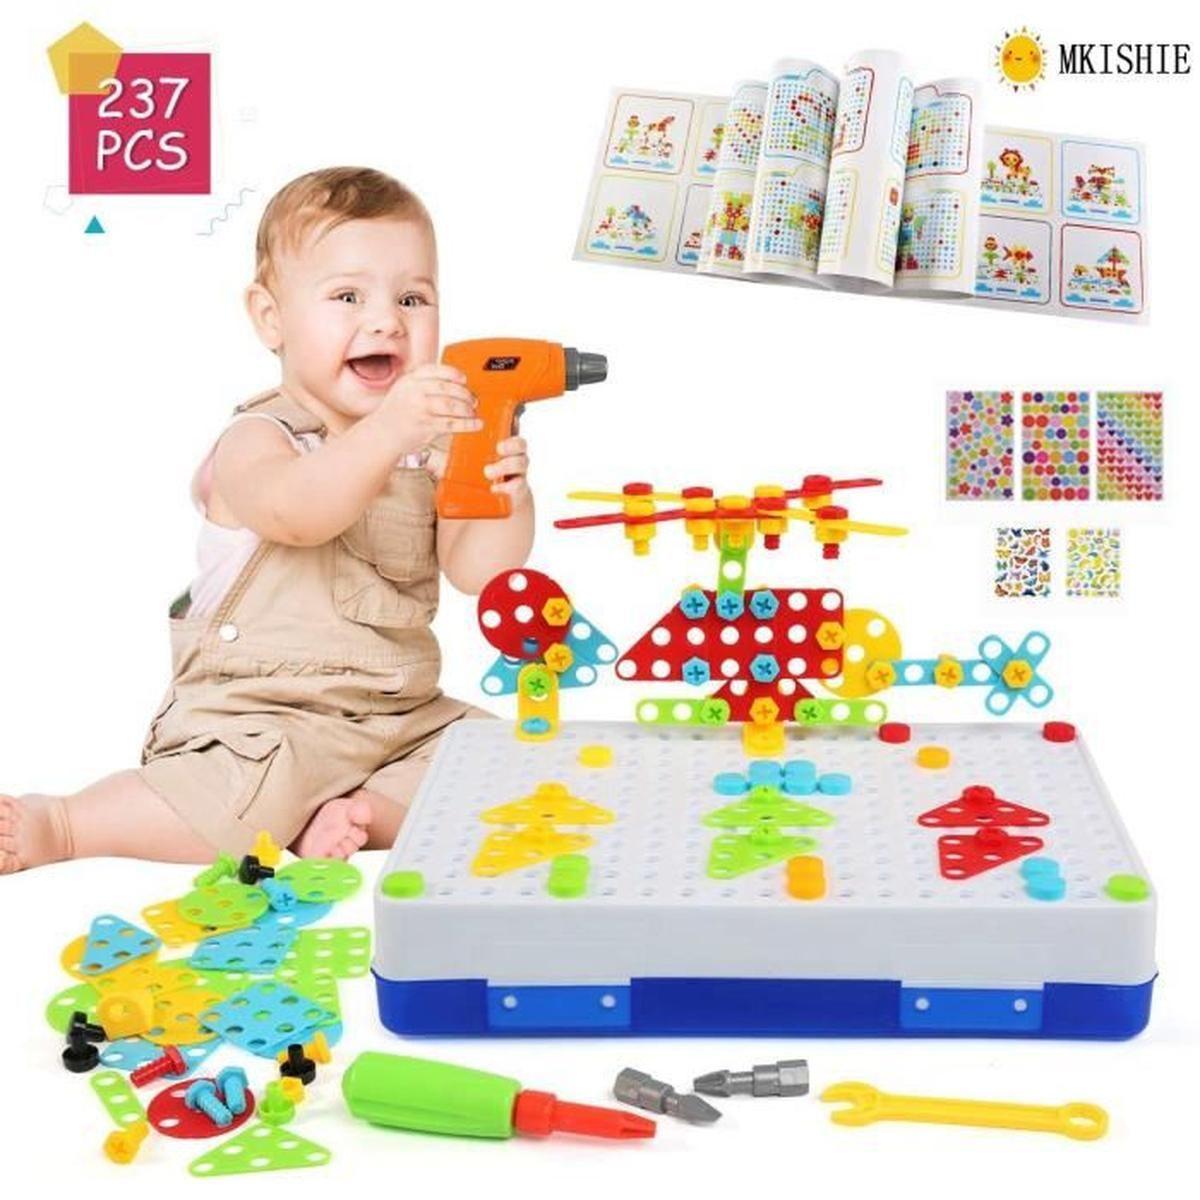 Jeu Mosaique Enfant, 3D Jeu De Construction, Perceuse avec Puzzle Fille 3 Ans